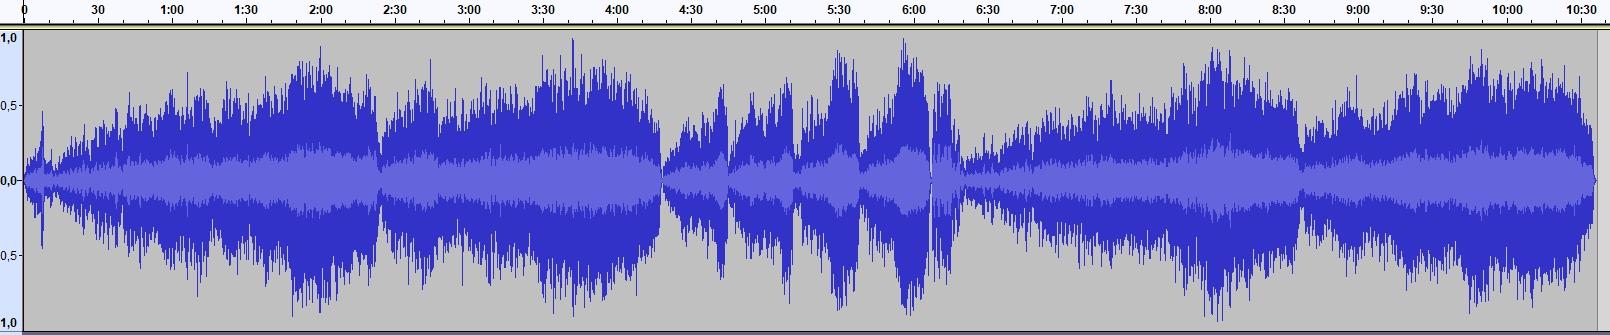 Profil sonore du Canon et Gigue dans l'interprétation de Hans -SCHMIDT-ISSERSTEDT